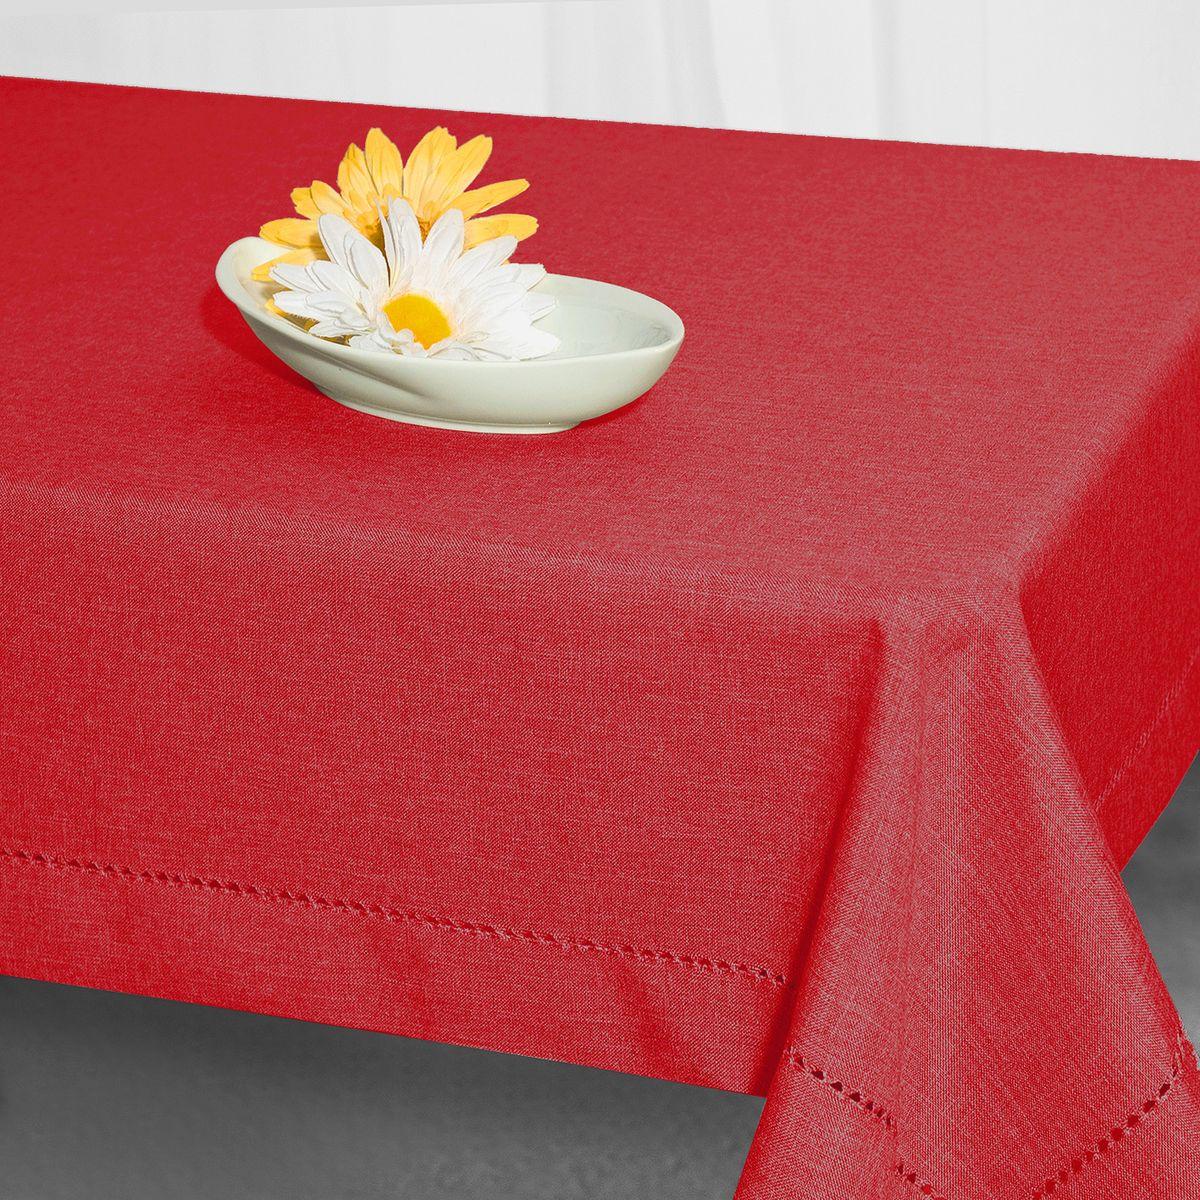 Скатерть Schaefer, прямоугольная, цвет: красный, 130 x 220 см. 07601-44907601-449Стильная скатерть Schaefer выполнена из полиэстера.Изделия из полиэстера легко стирать: они не мнутся, не садятся и быстро сохнут, они более долговечны, чем изделия из натуральных волокон.Немецкая компания Schaefer создана в 1921 году. На протяжении всего времени существования она создает уникальные коллекции домашнего текстиля для гостиных, спален, кухонь и ванных комнат. Дизайнерские идеи немецких художников компании Schaefer воплощаются в текстильных изделиях, которые сделают ваш дом красивее и уютнее и не останутся незамеченными вашими гостями. Дарите себе и близким красоту каждый день!